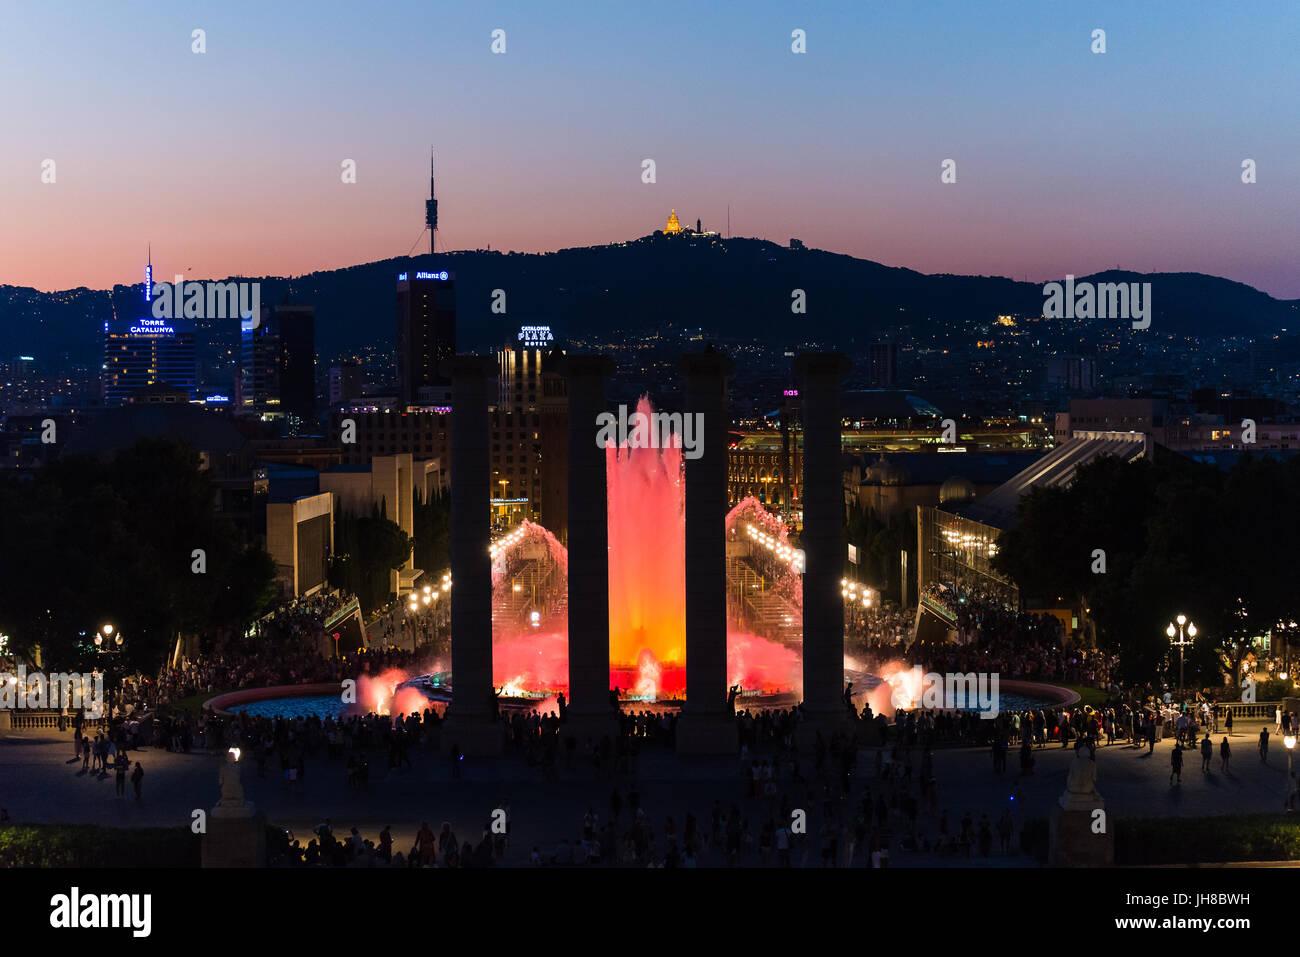 bARCELONA, SPAIN June 2015: view over font magica de mont juic - Stock Image